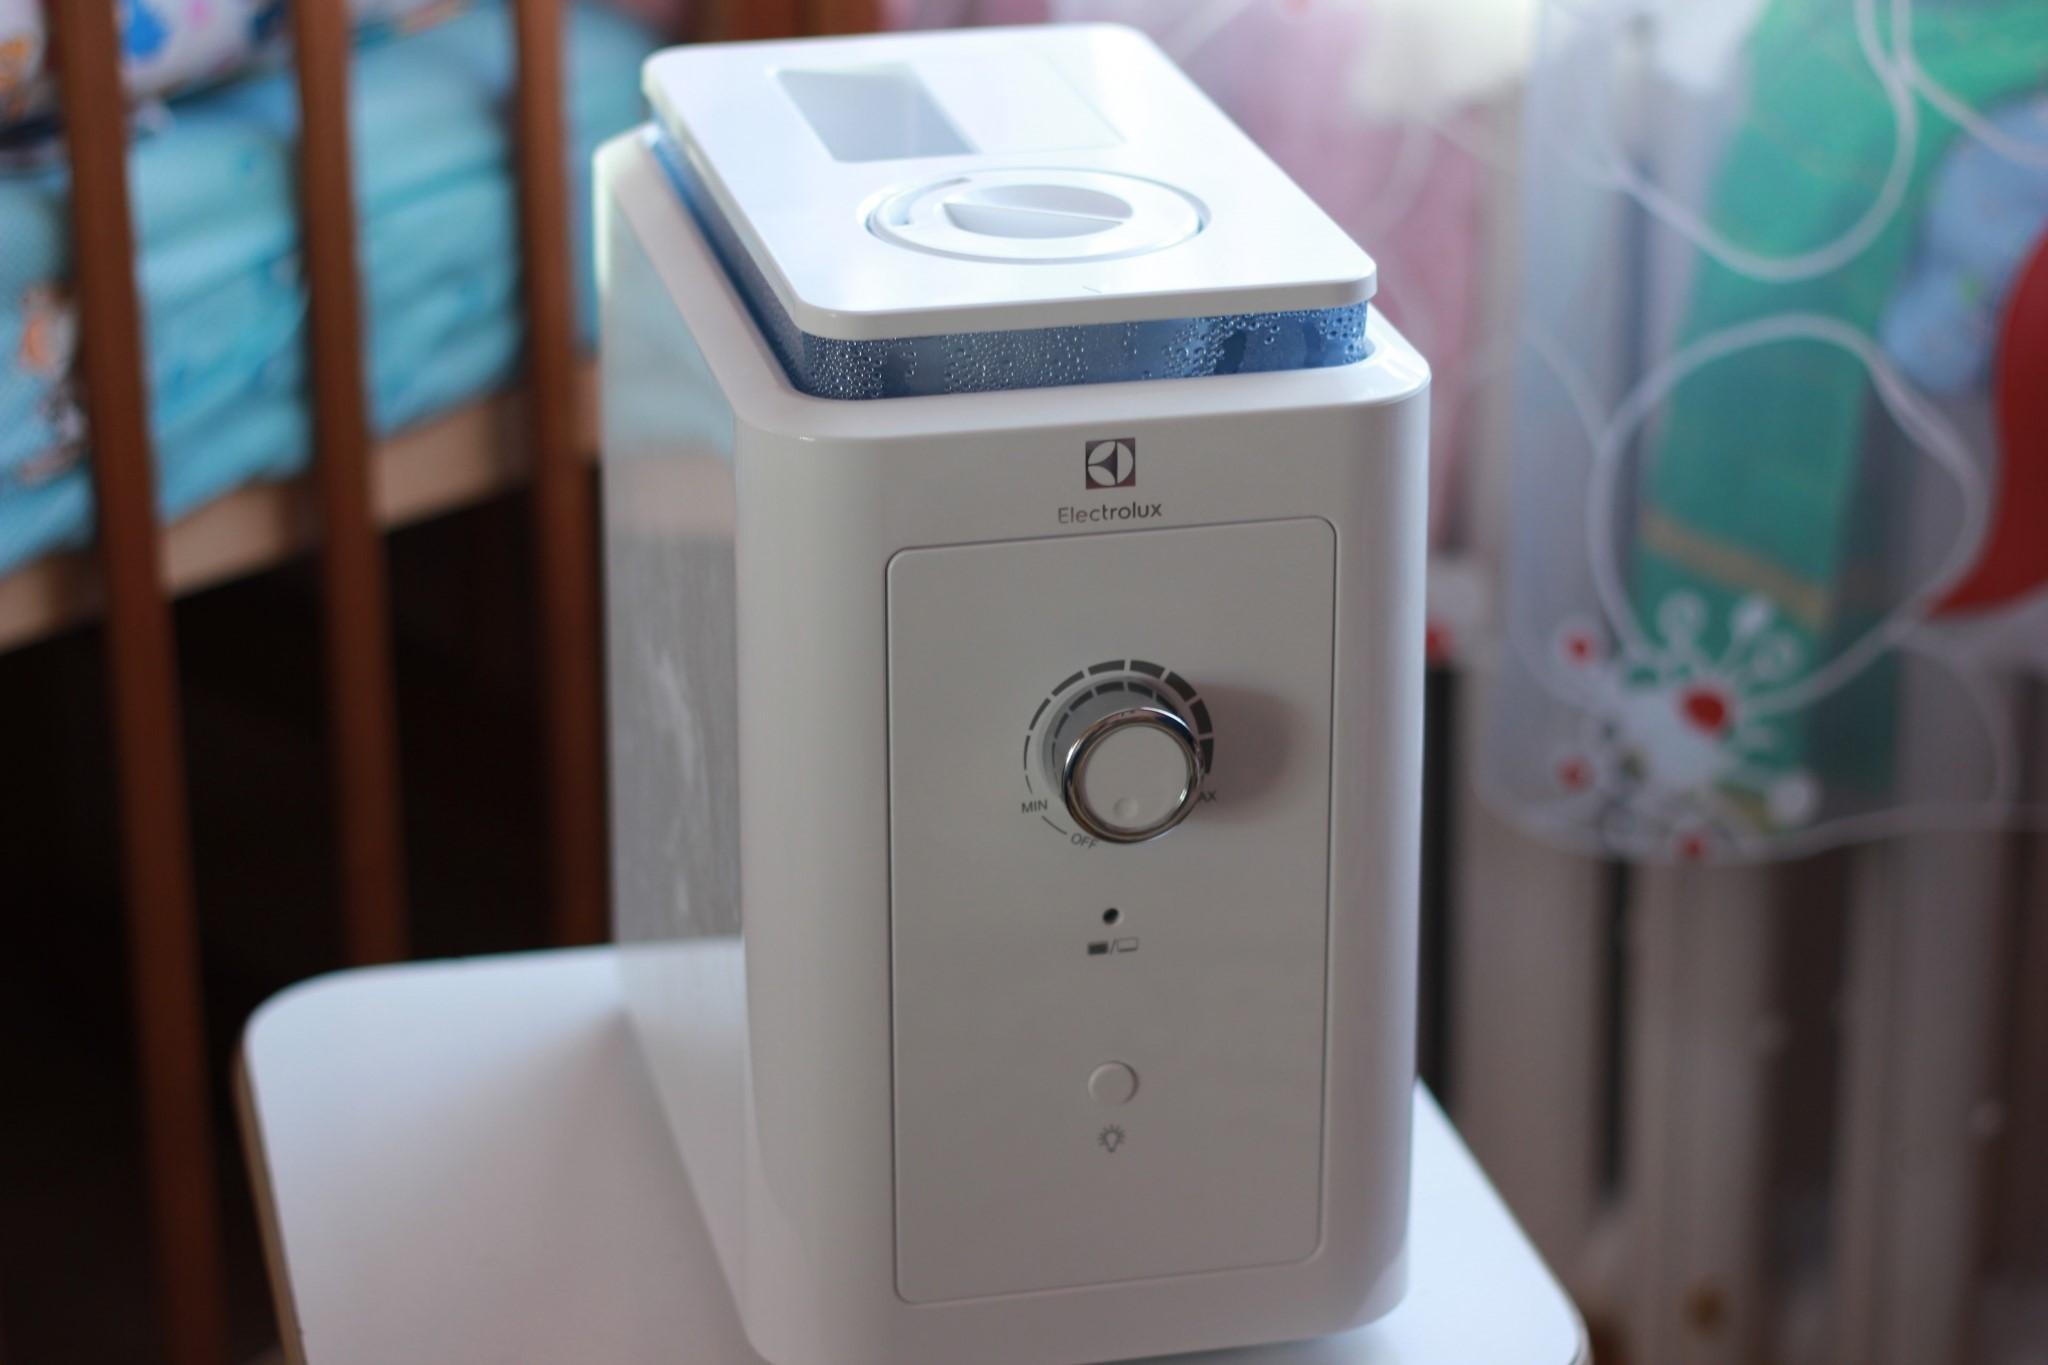 Рис. 5. Небольшая, но всё равно функциональная модель Electrolux EHU-1010.